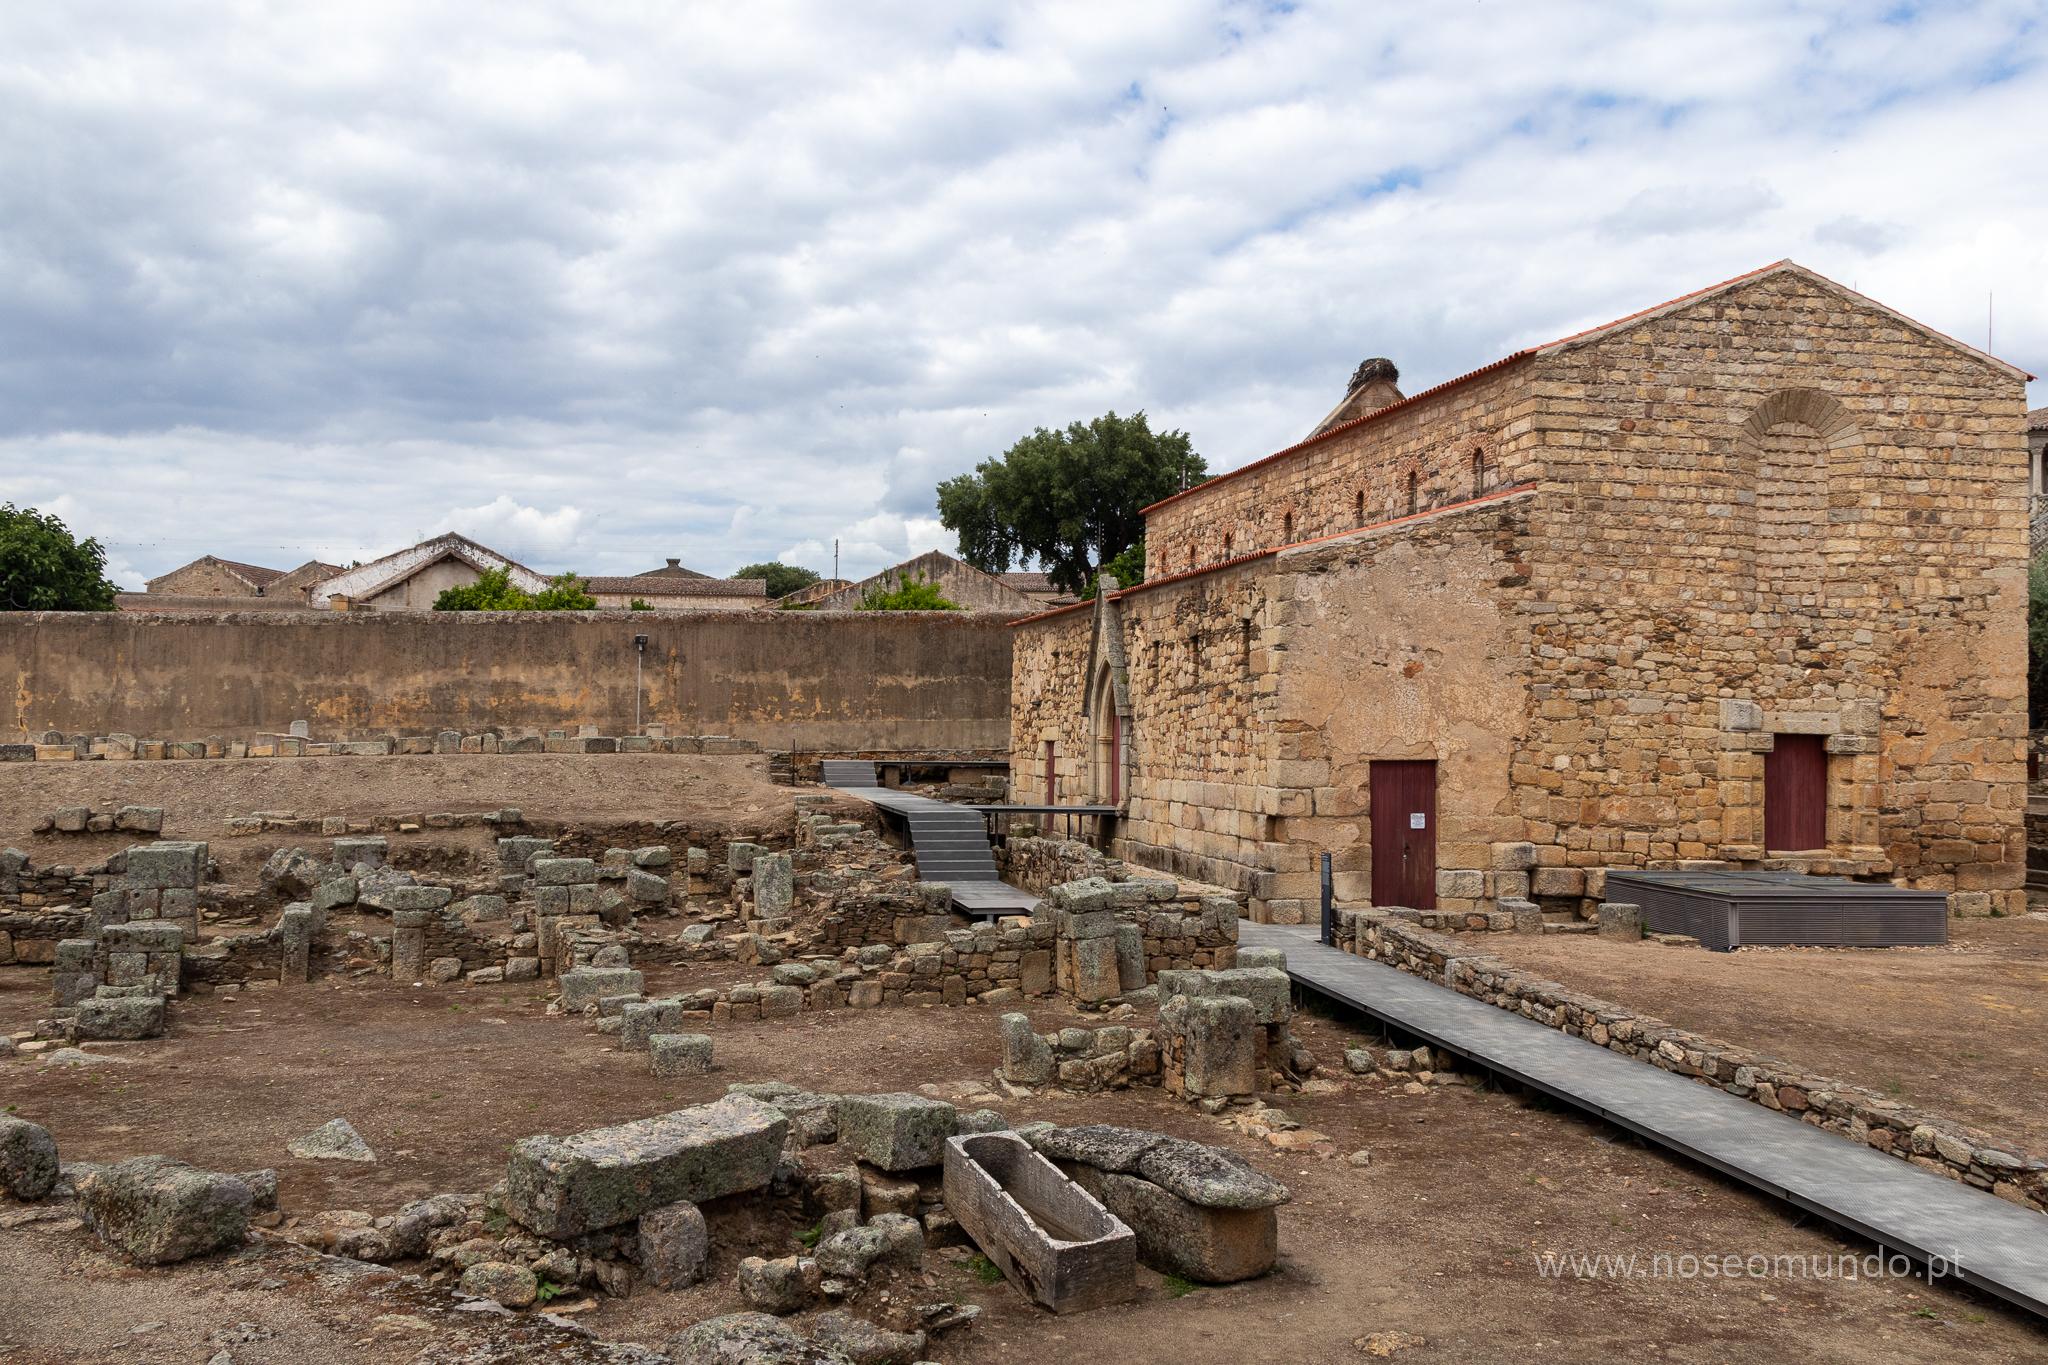 Sé Catedral de Idanha-a-velha e Ruínas Romanas